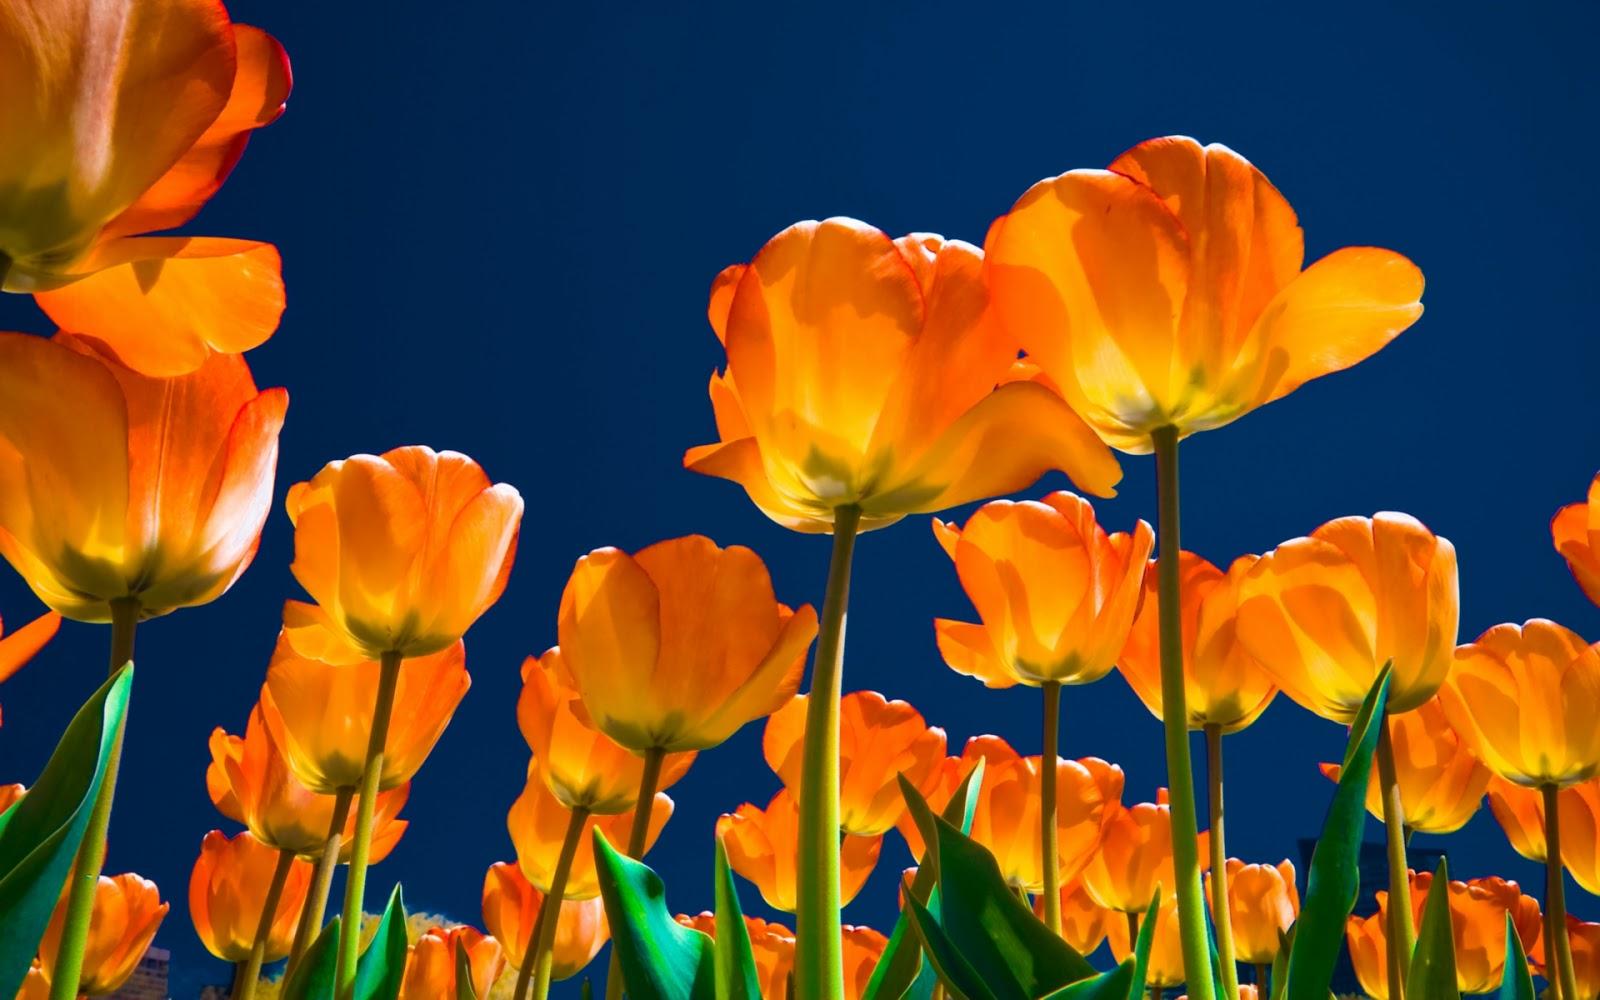 [48+] Free Tulip Wallpapers For Desktop On WallpaperSafari